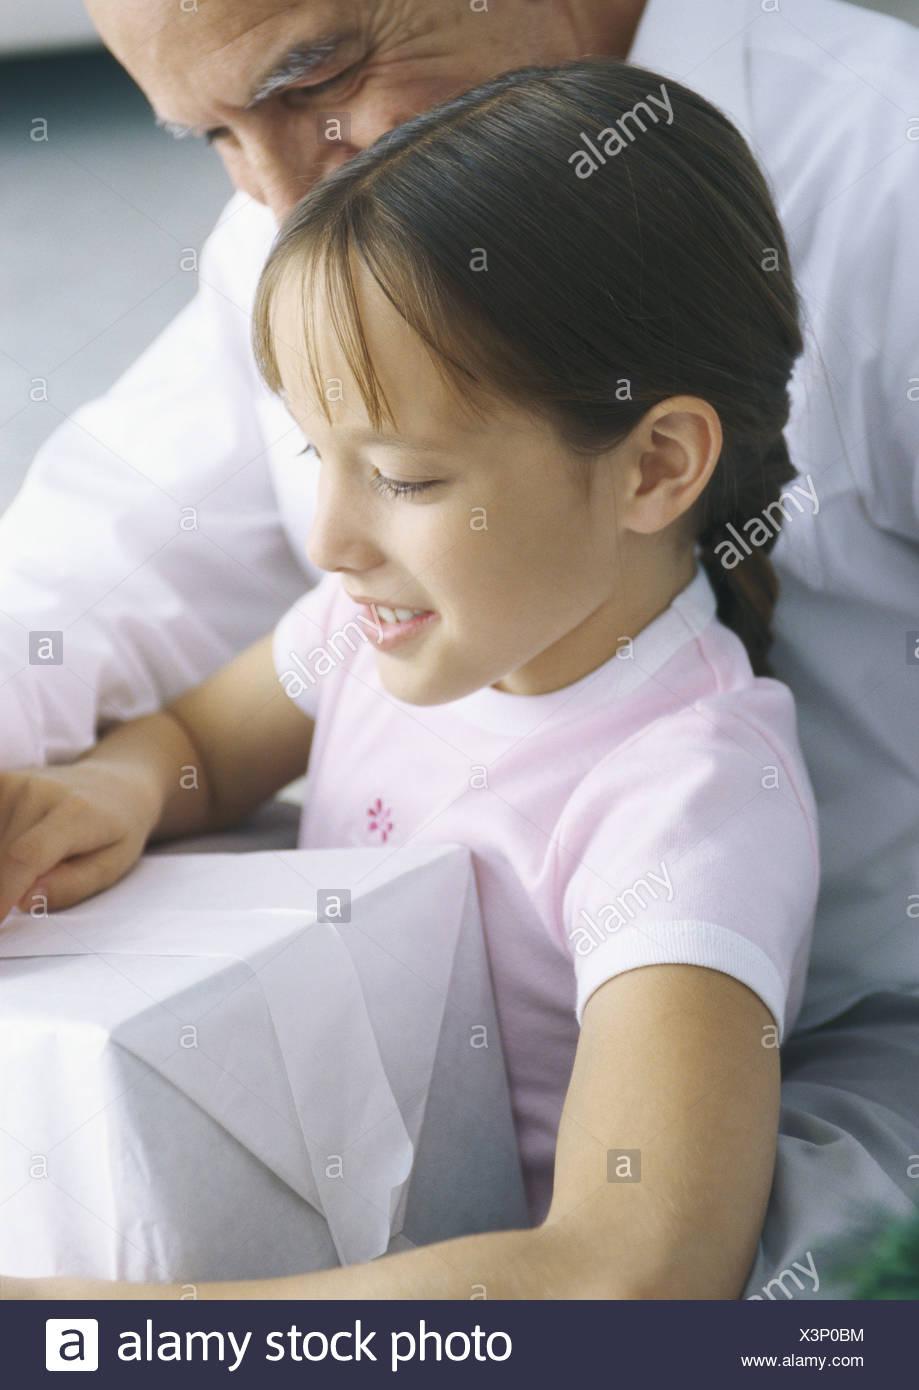 Girl holding présent pendant que grand-père regarde par-dessus son épaule Photo Stock